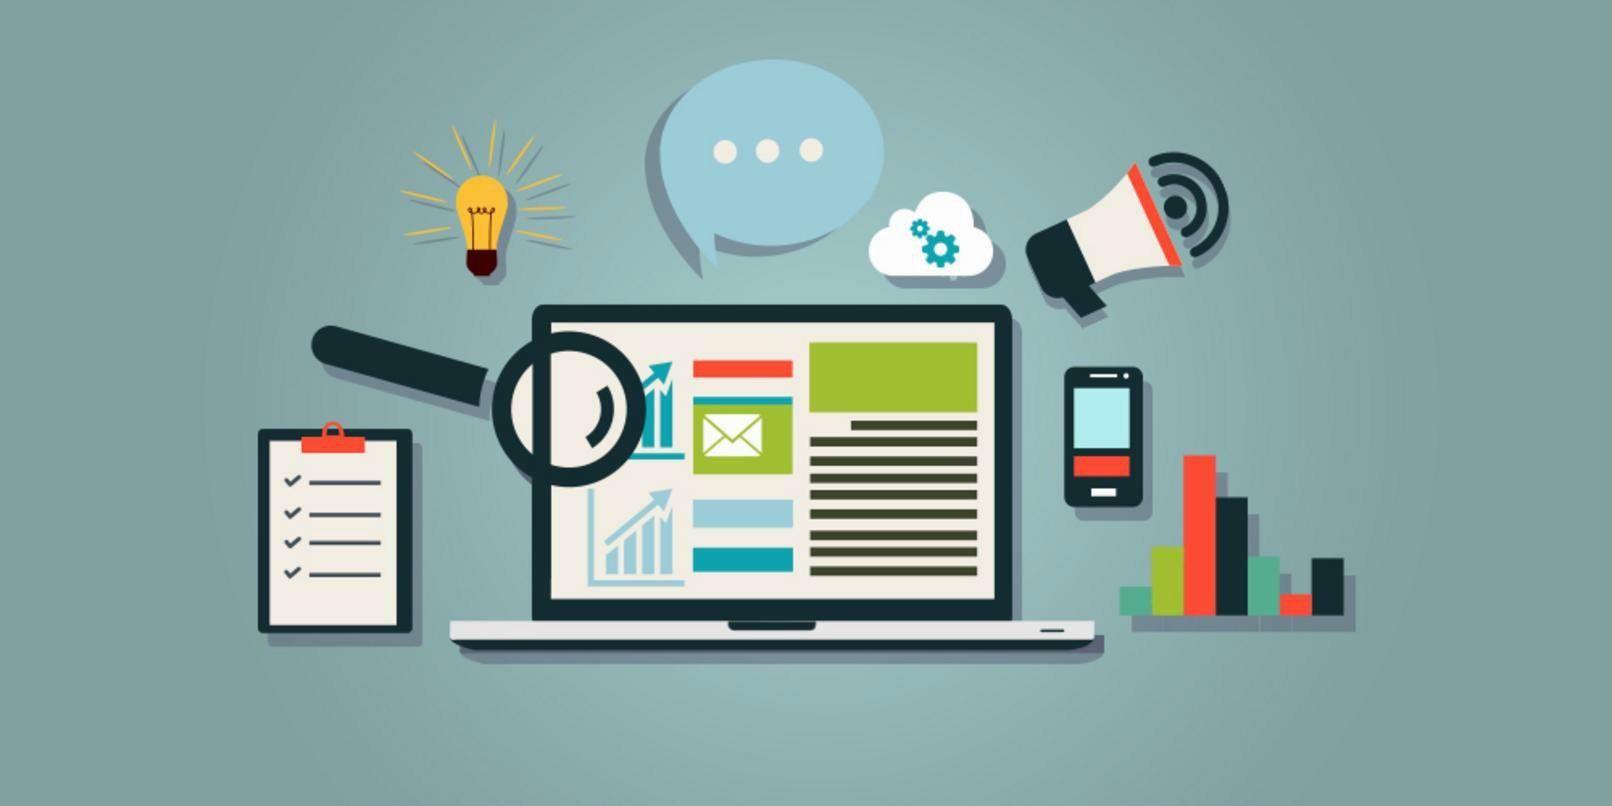 fwk7mev-digital-marketing